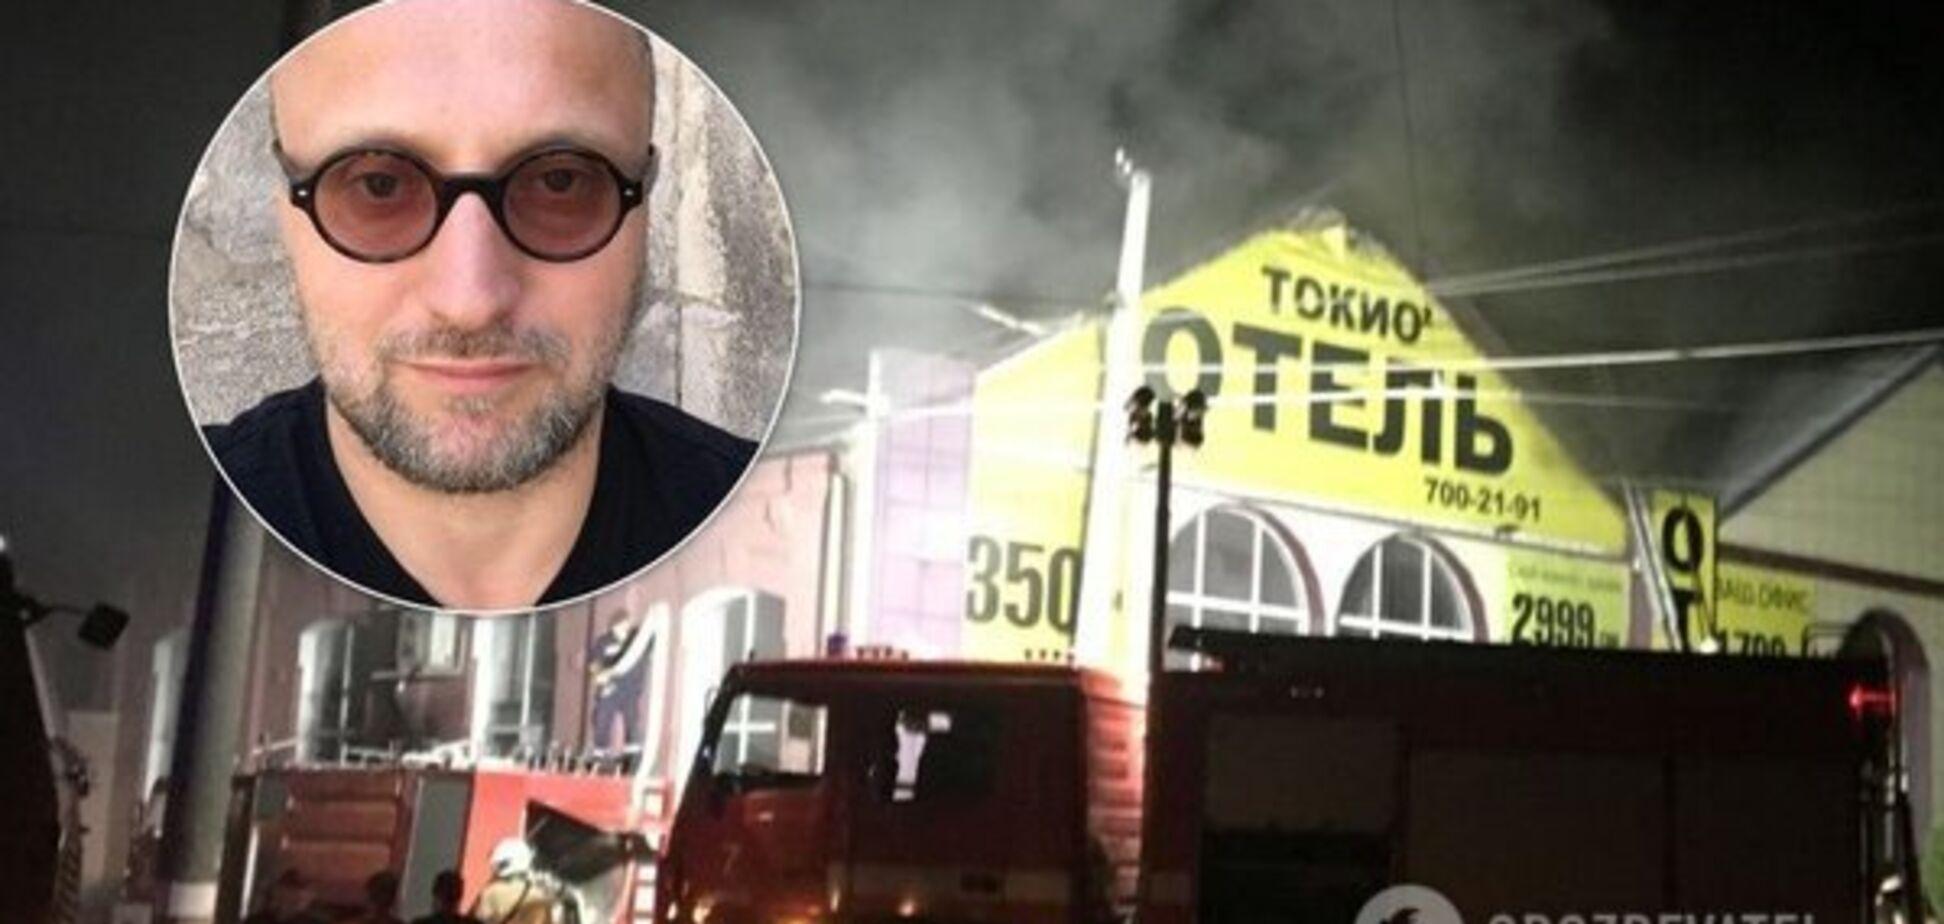 Владелец 'Токио Стар', где заживо сгорели 9 человек, пошел на подлость